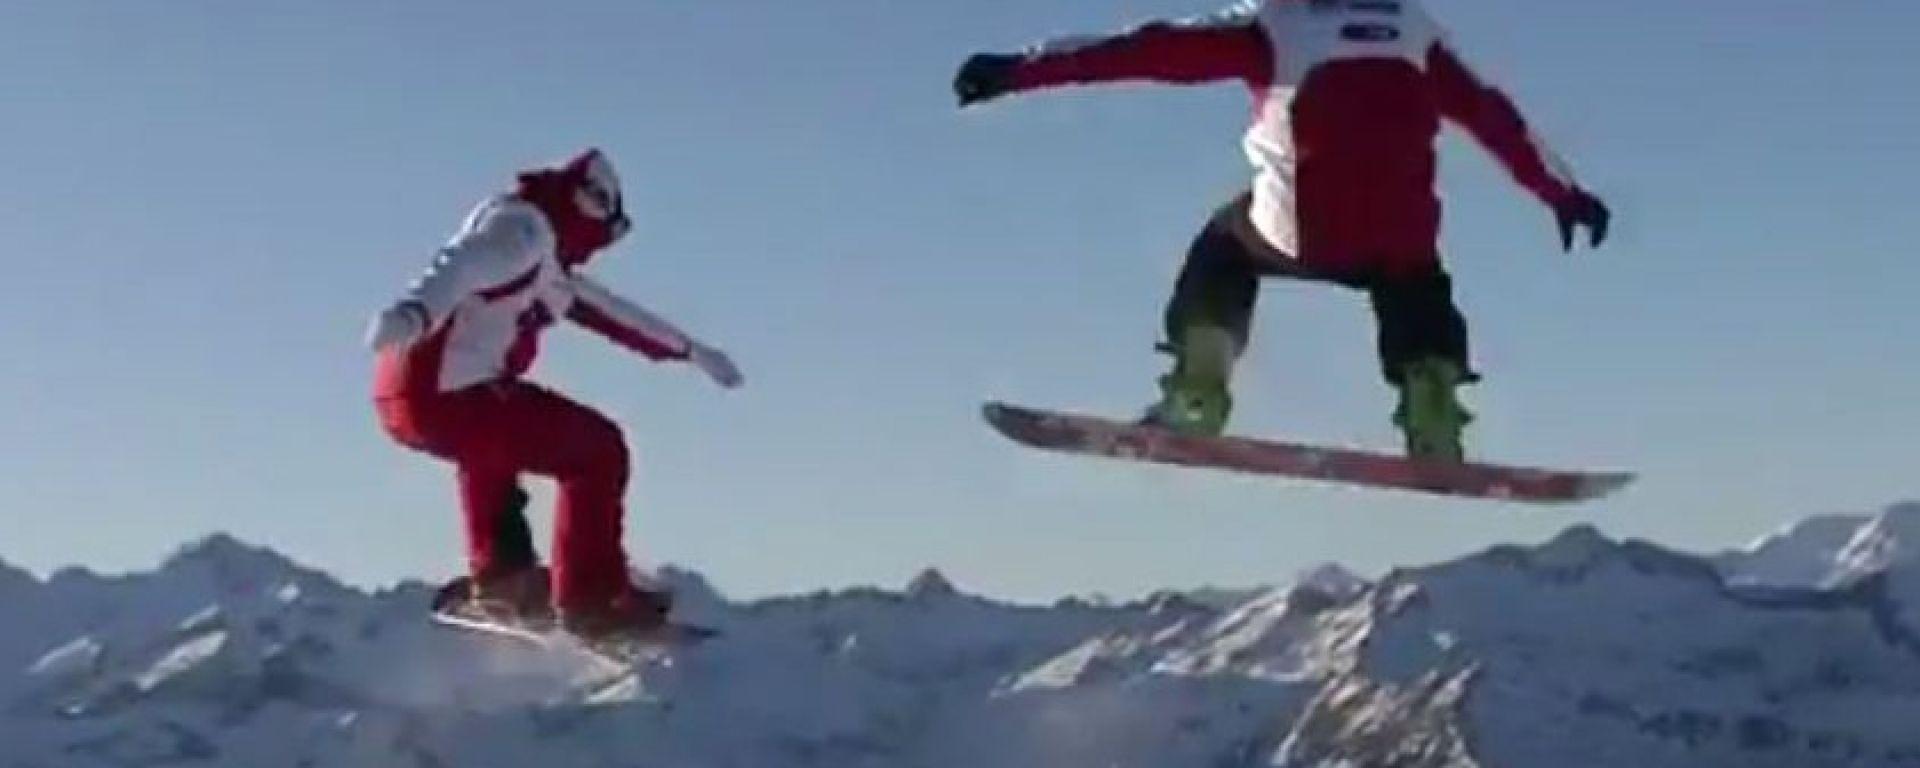 Ducati: Rossi e Hayden a tutta birra sulla neve